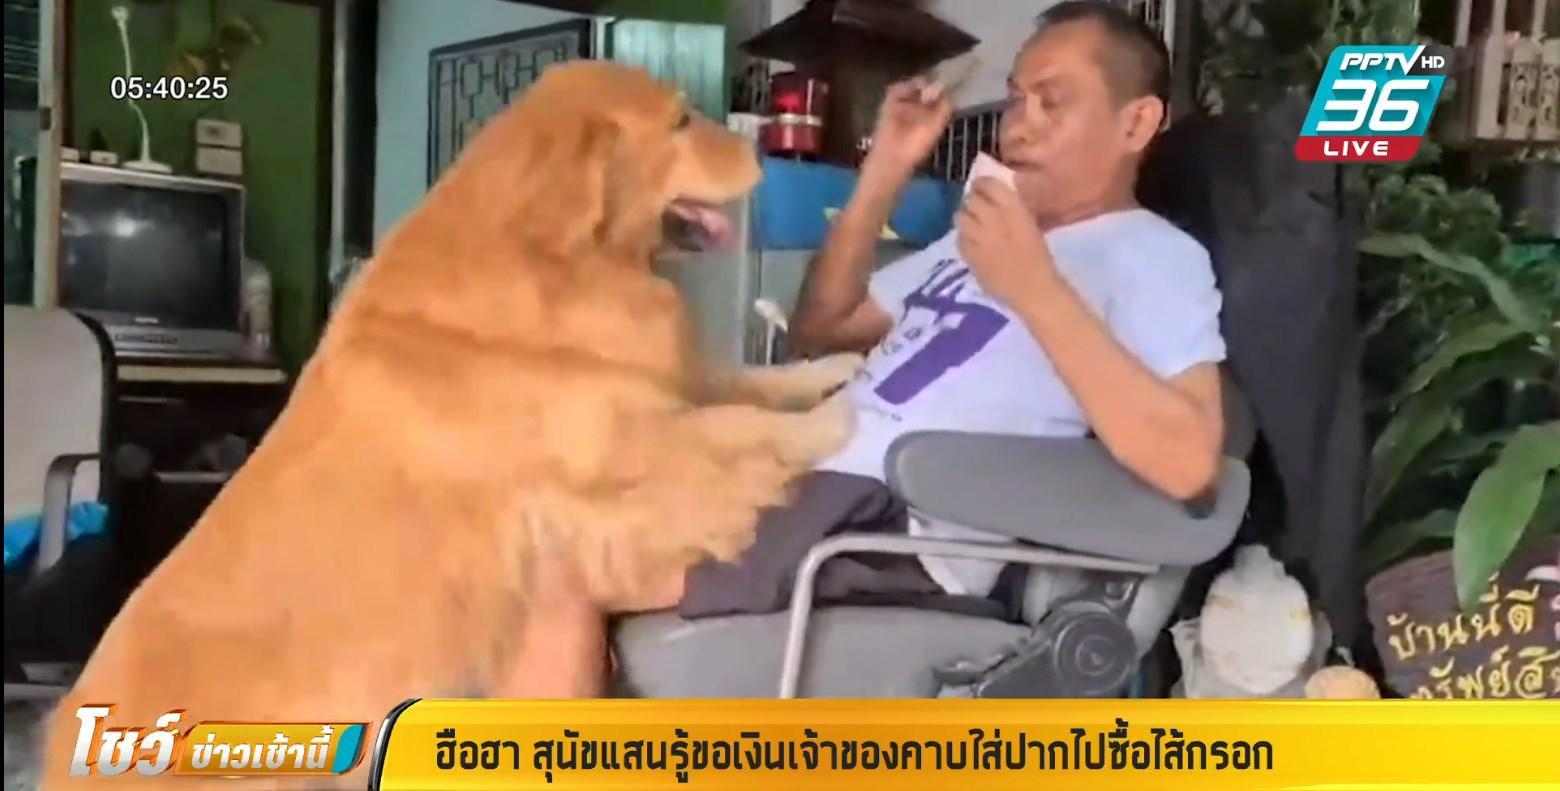 แสนรู้ !! น้องหมาขอเงินเจ้าของ คาบไปซื้อไส้กรอกกินเอง